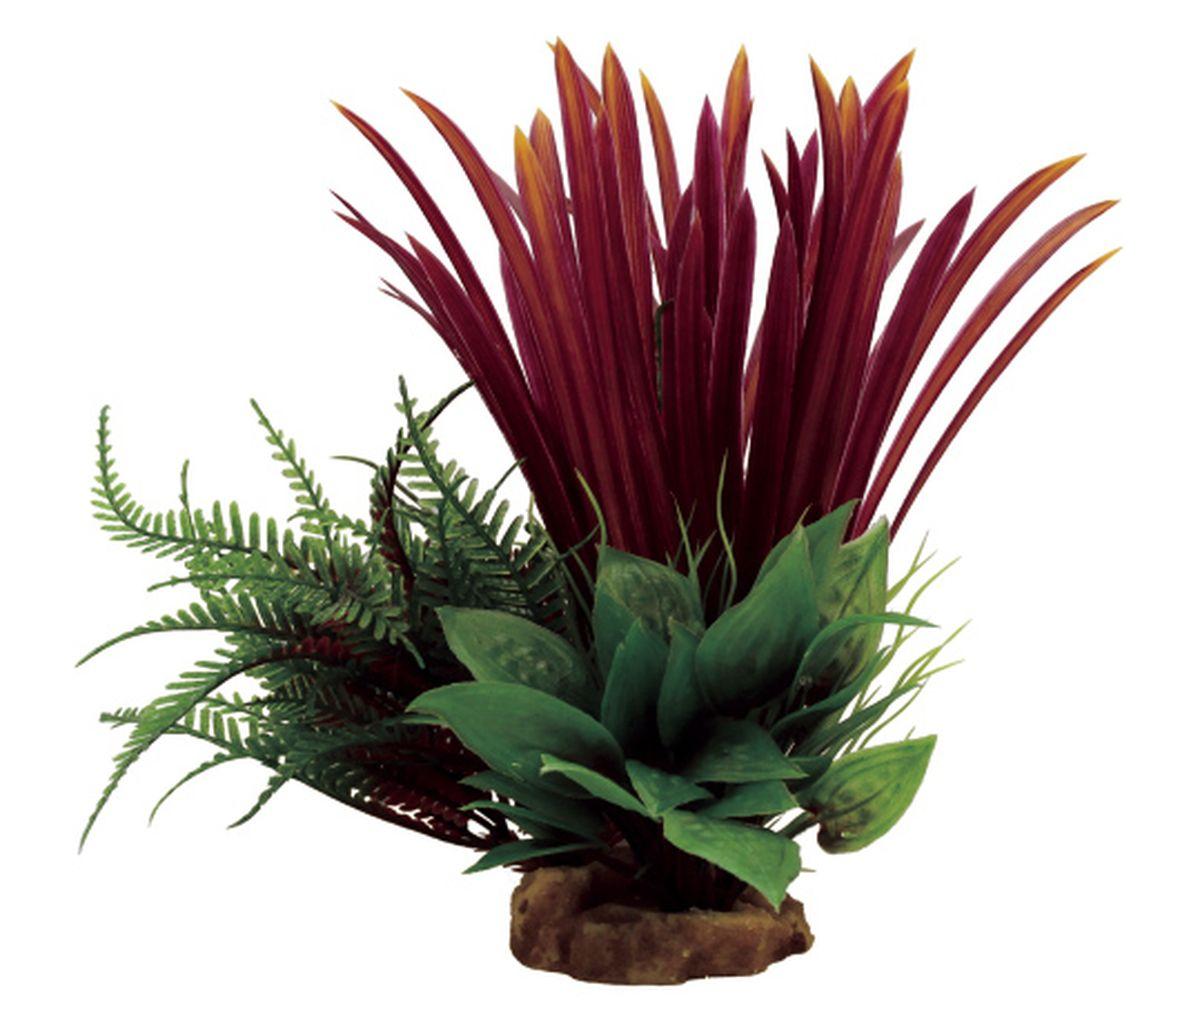 Композиция из растений для аквариума ArtUniq Бликса красная, 18 x 15 x 23 см0120710Композиция из искусственных растений ArtUniq превосходно украсит и оживит аквариум.Растения - это важная часть любой композиции, они помогут вдохнуть жизнь в ландшафт любого аквариума или террариума. Композиция является точной копией природного растения.